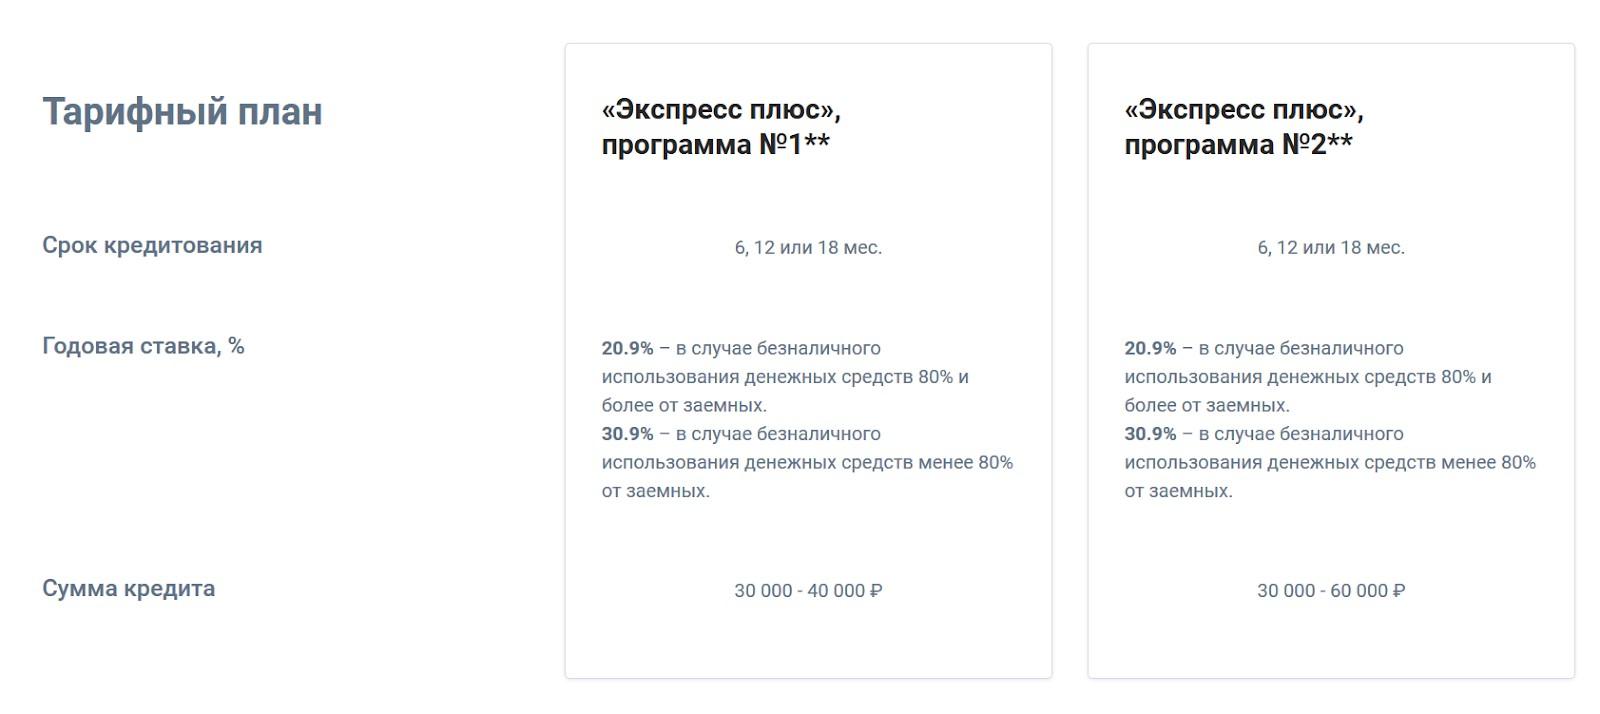 Третий этап Совкомбанк